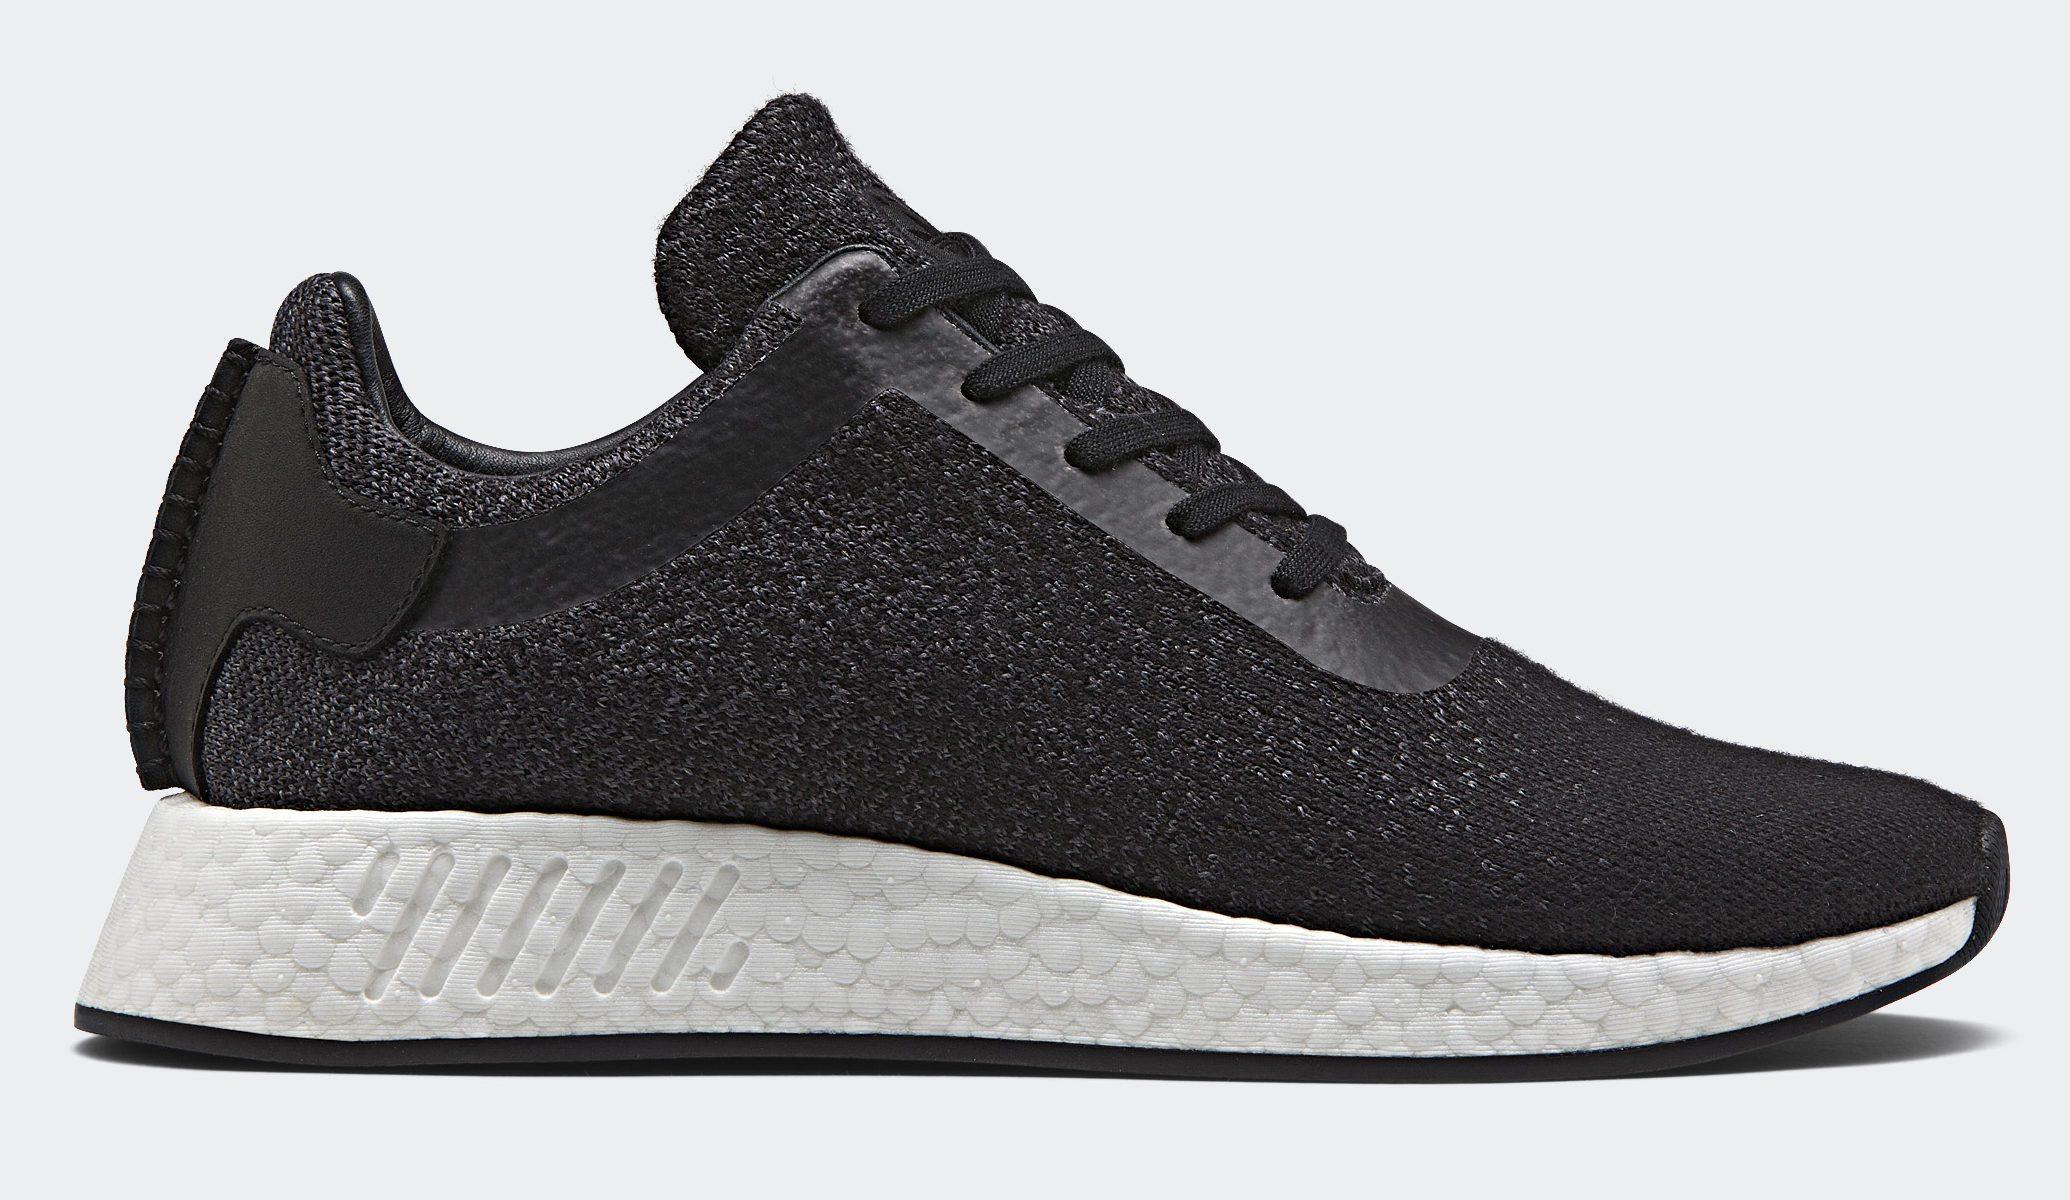 Ali + corna autunno / inverno 2017 x adidas debutto calzature raccolta